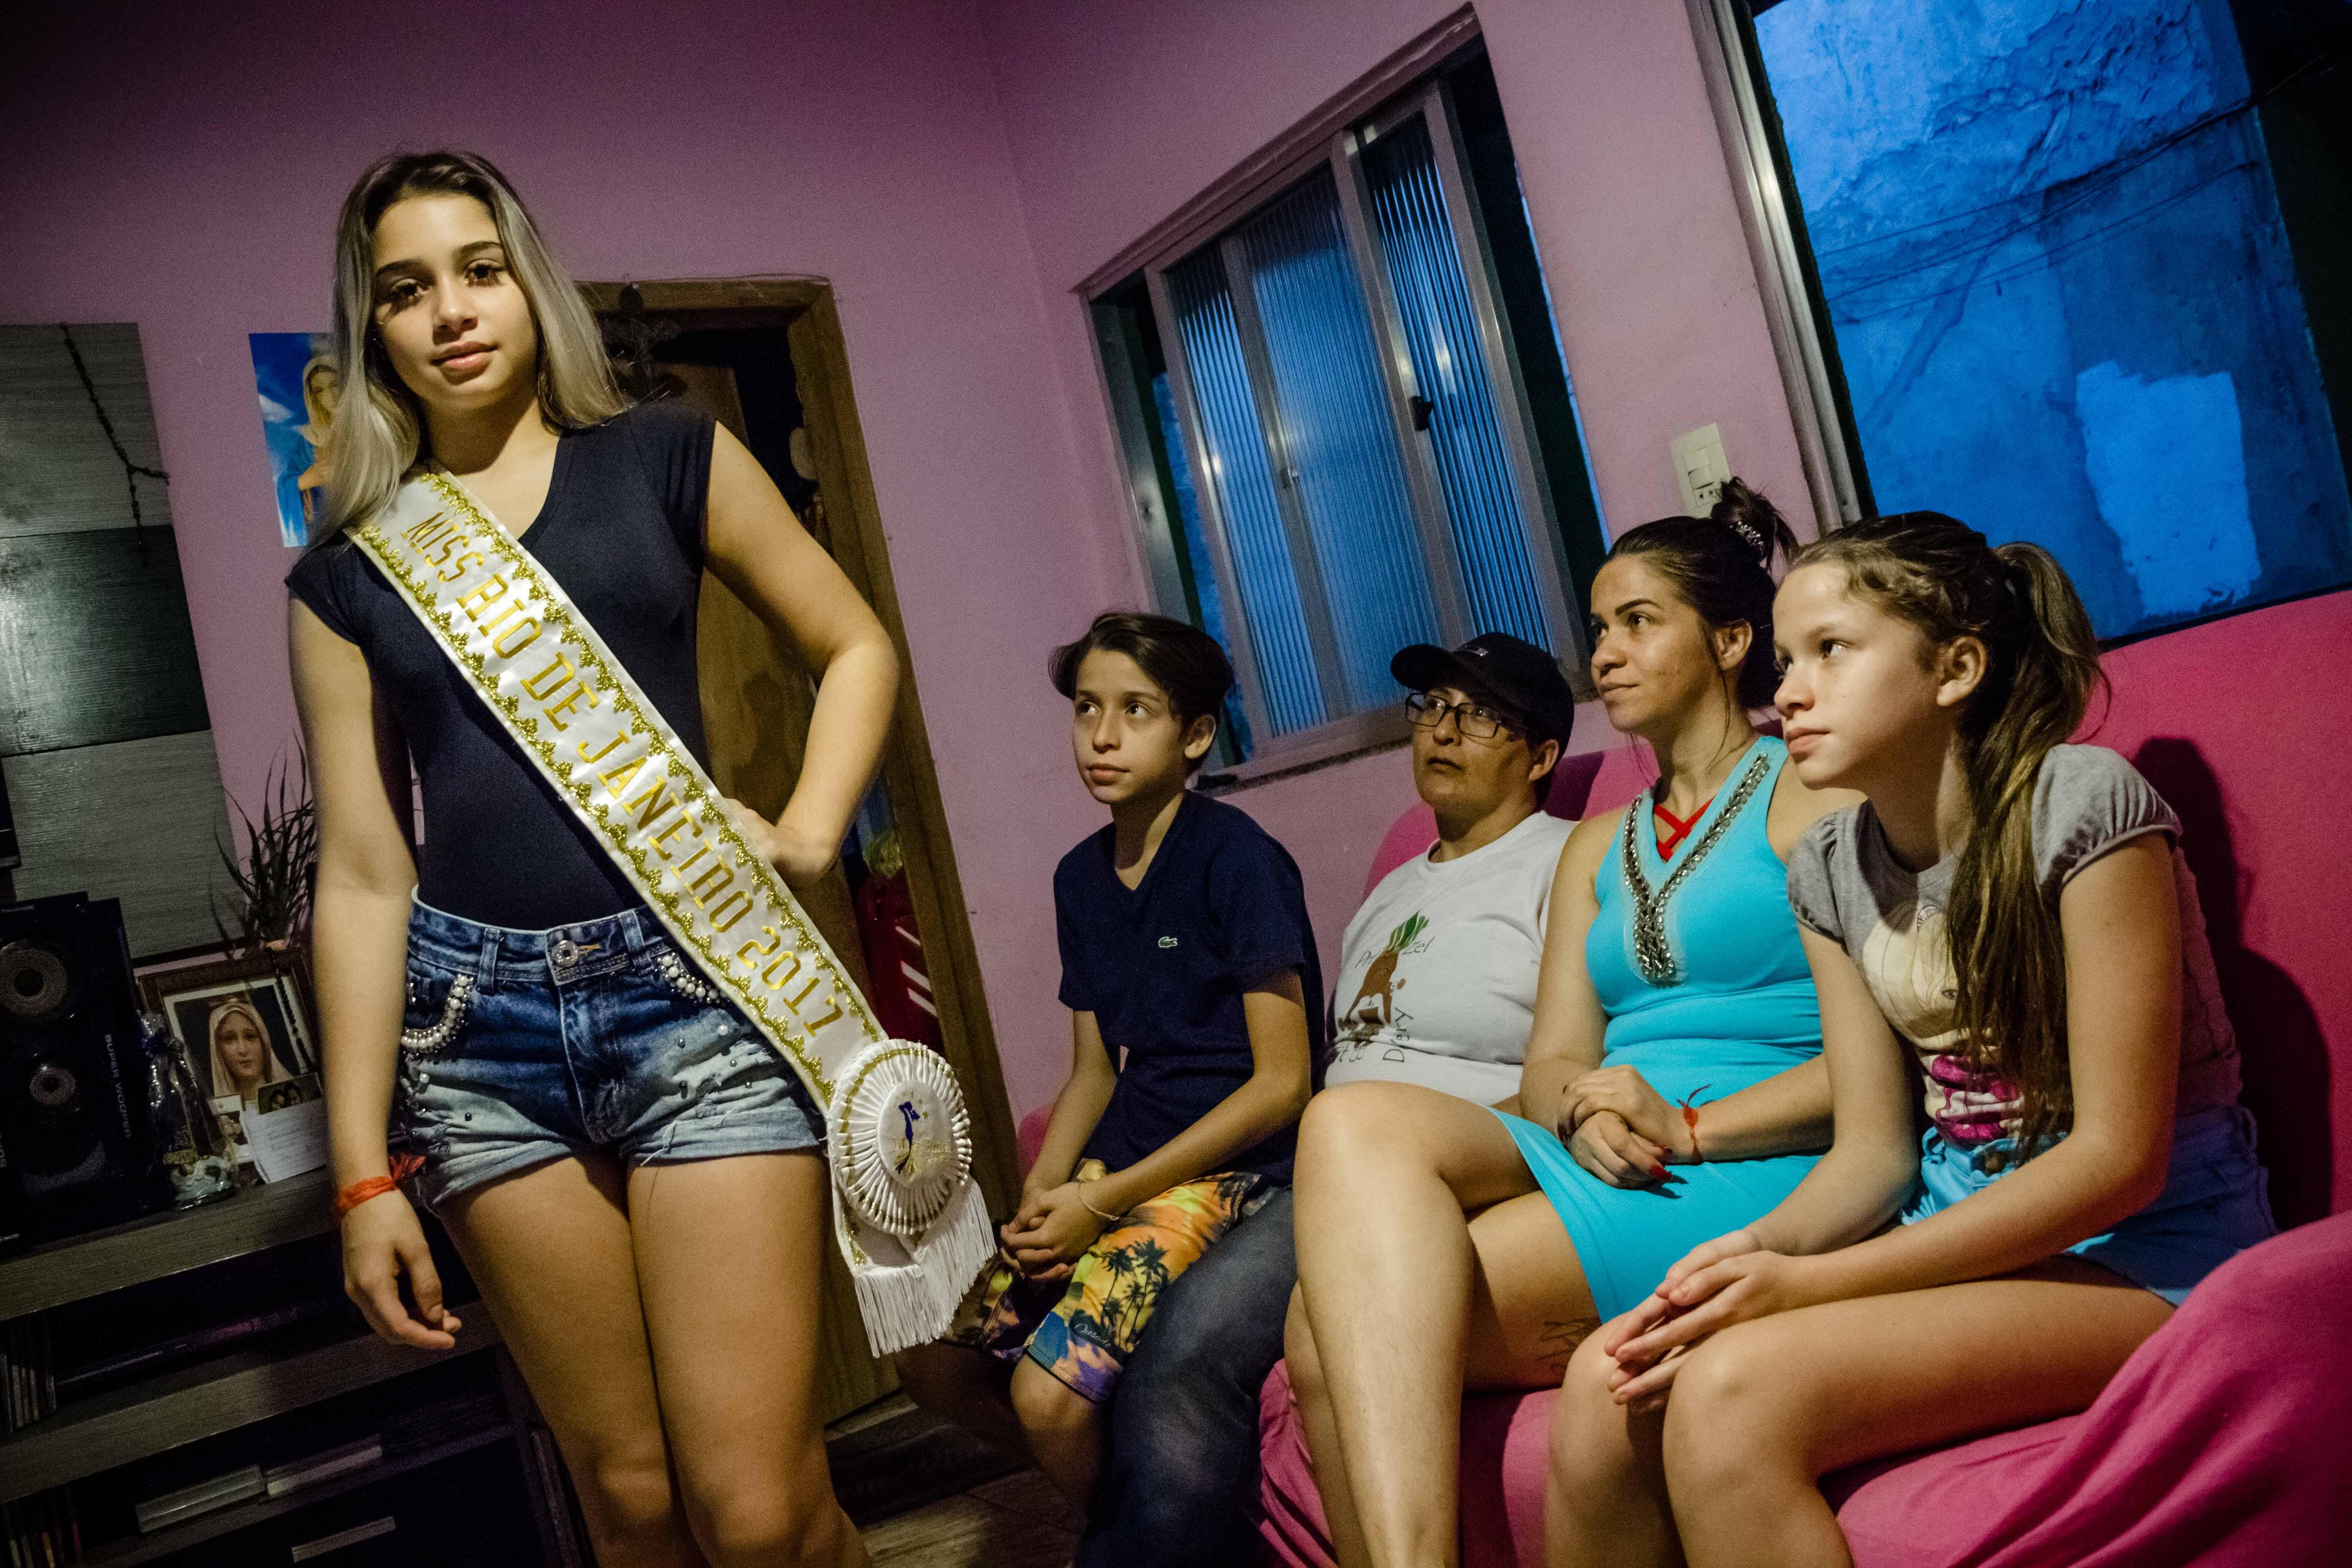 Jéssica Lisboa exibe a faixa de Miss Rio de Janeiro ao lado da mãe, da madrasta, e do casal de irmãos gêmeos. Foto: Renato Moura/Voz Das Comunidades